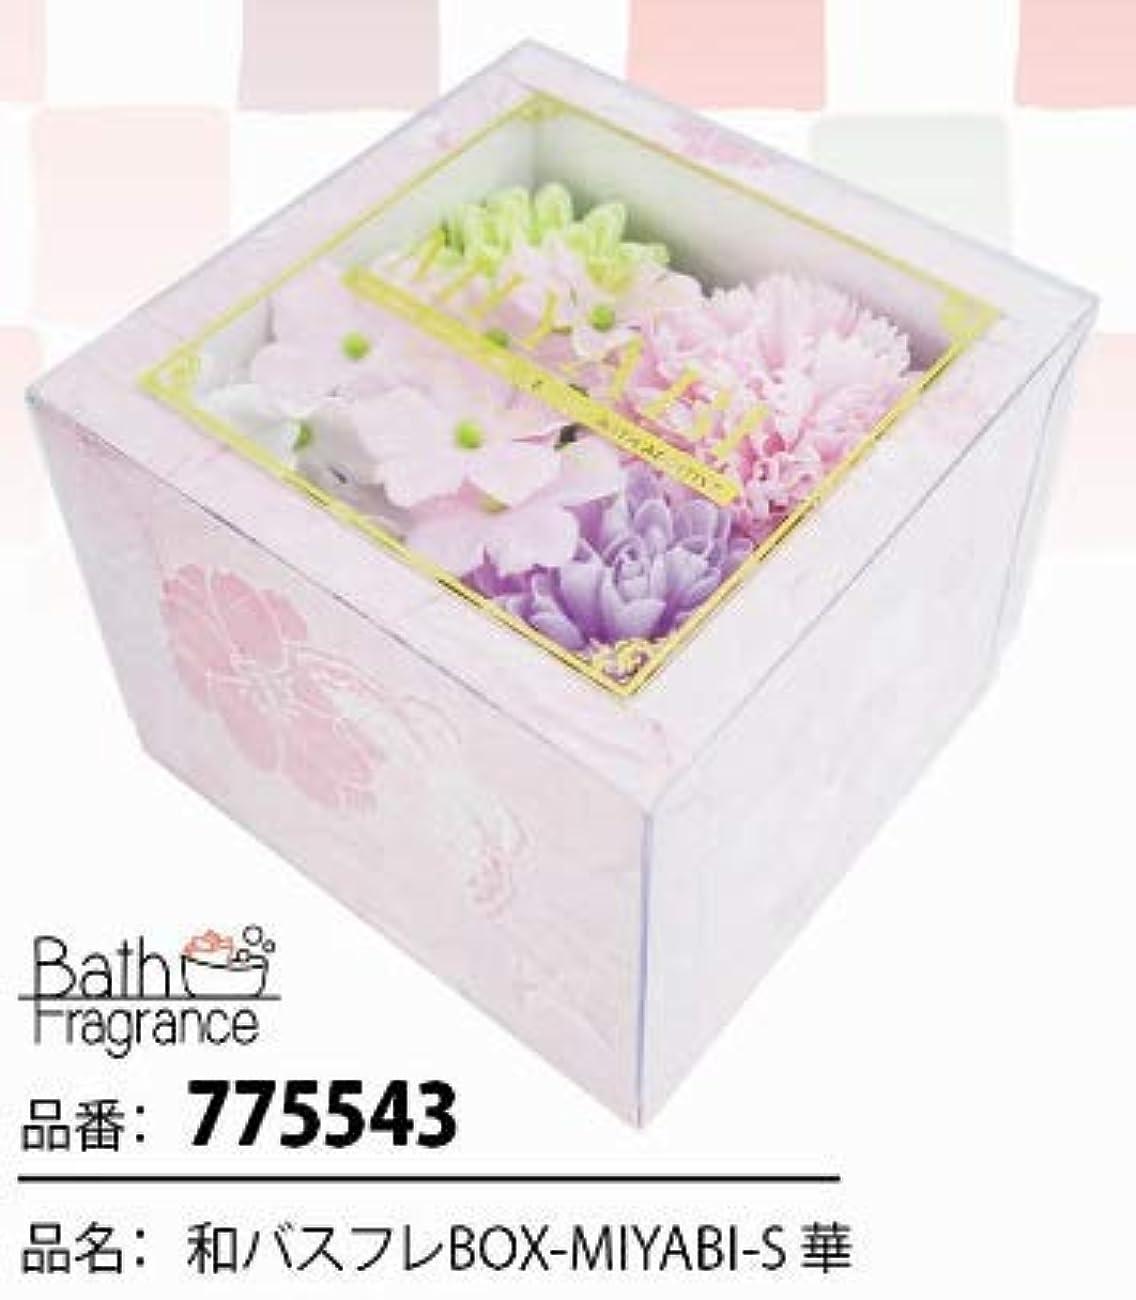 趣味小川切り下げ花のカタチの入浴剤 和バスフレBOX-MIYABI-S華 775543